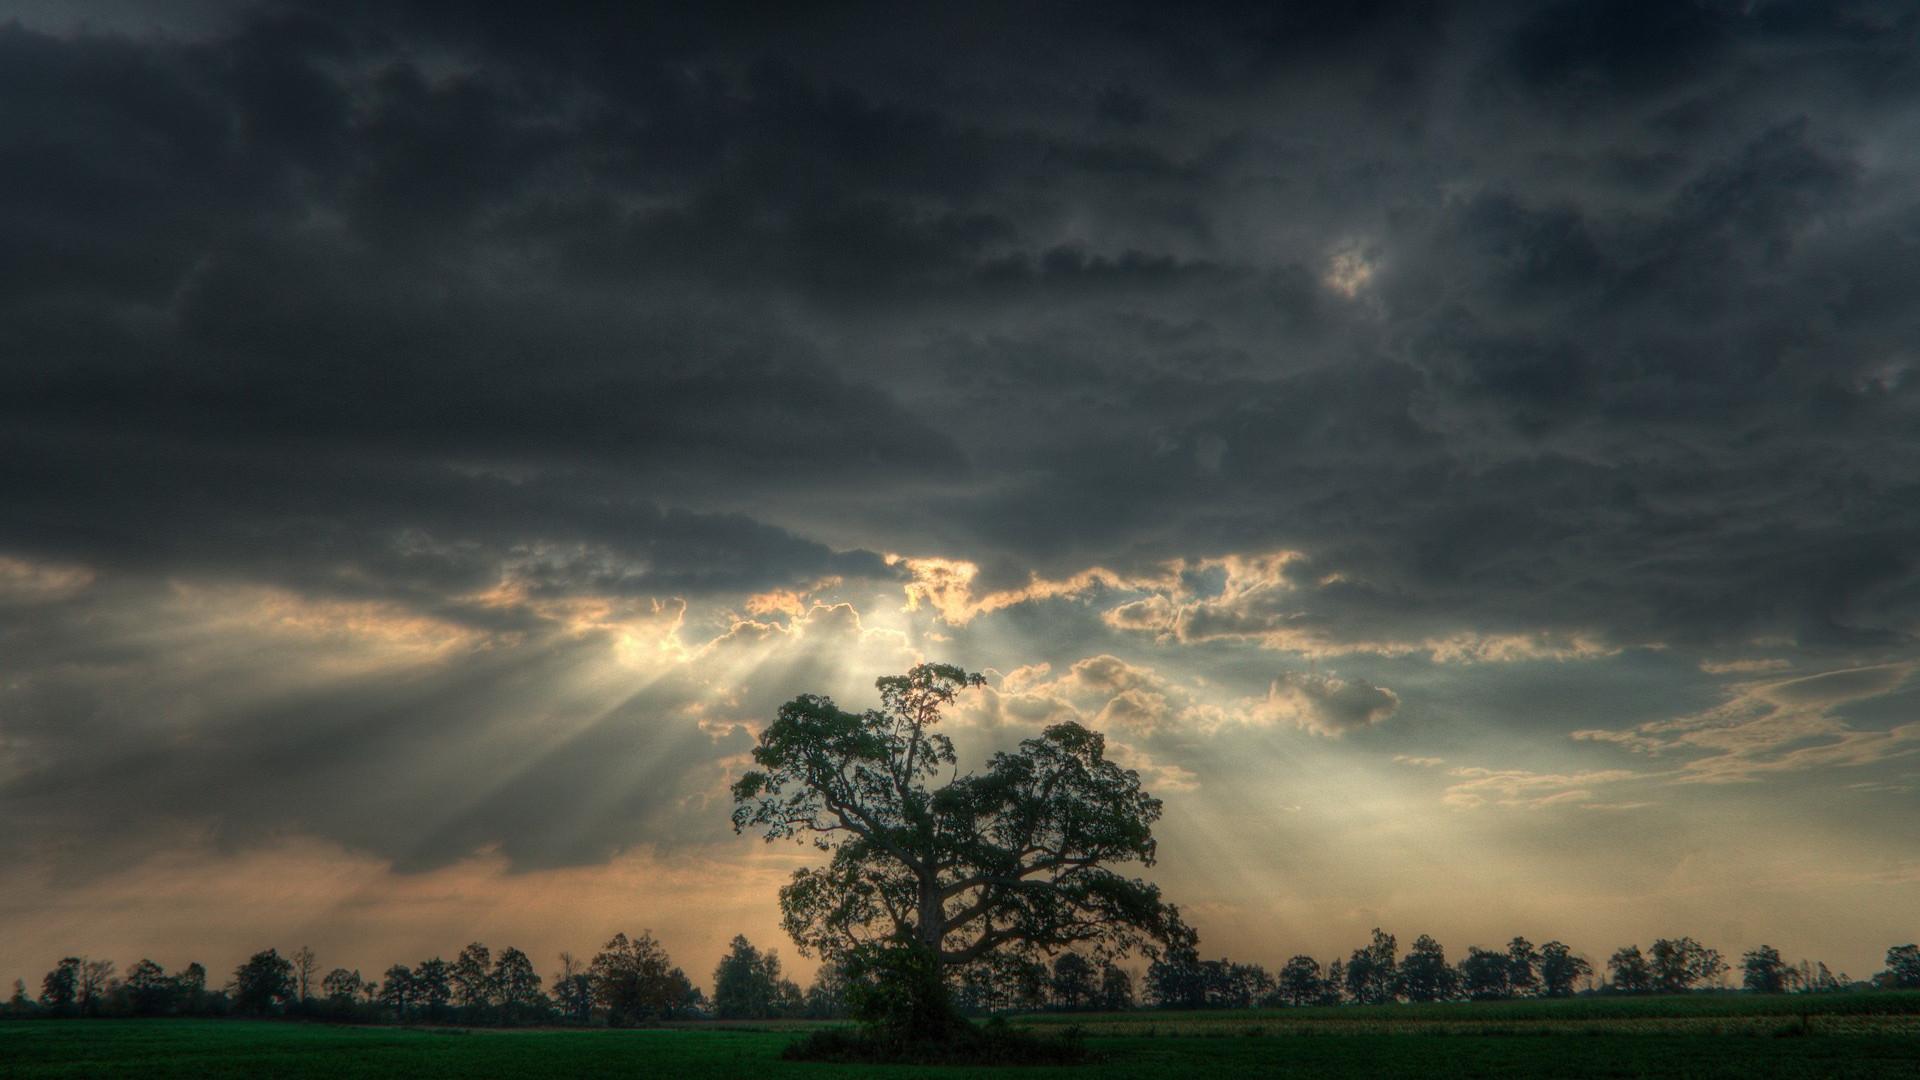 Under Cloudy Sky Nature Hd Wallpaper #8930 Wallpaper   Wallpaper hd .